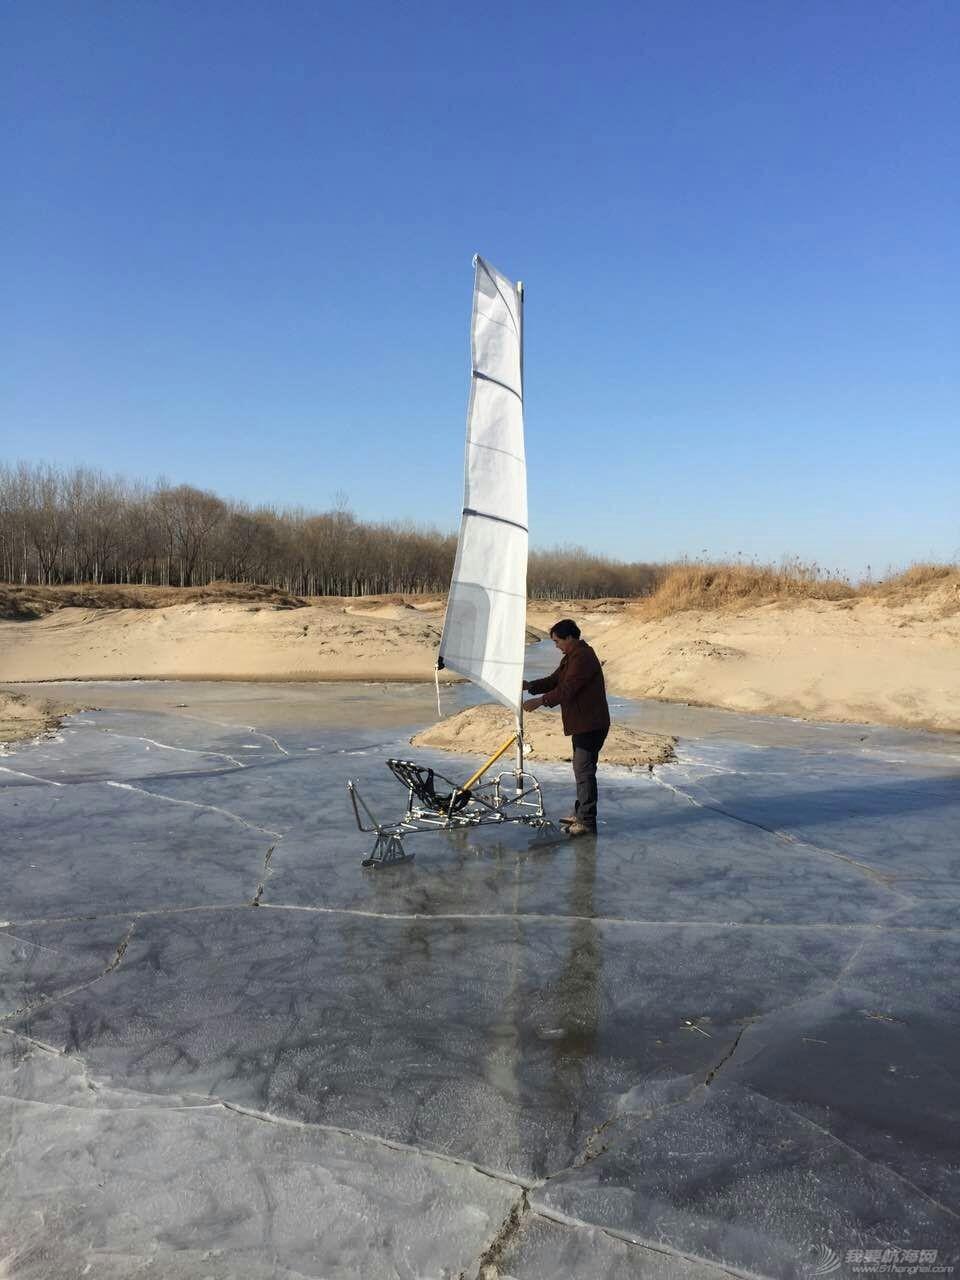 冰帆,烟斗冰帆,烟斗制作,帆车,帆船气象导航 【冰帆】-结冰的冬天也能玩帆?我的冰帆成功下冰试航 烟斗冰帆